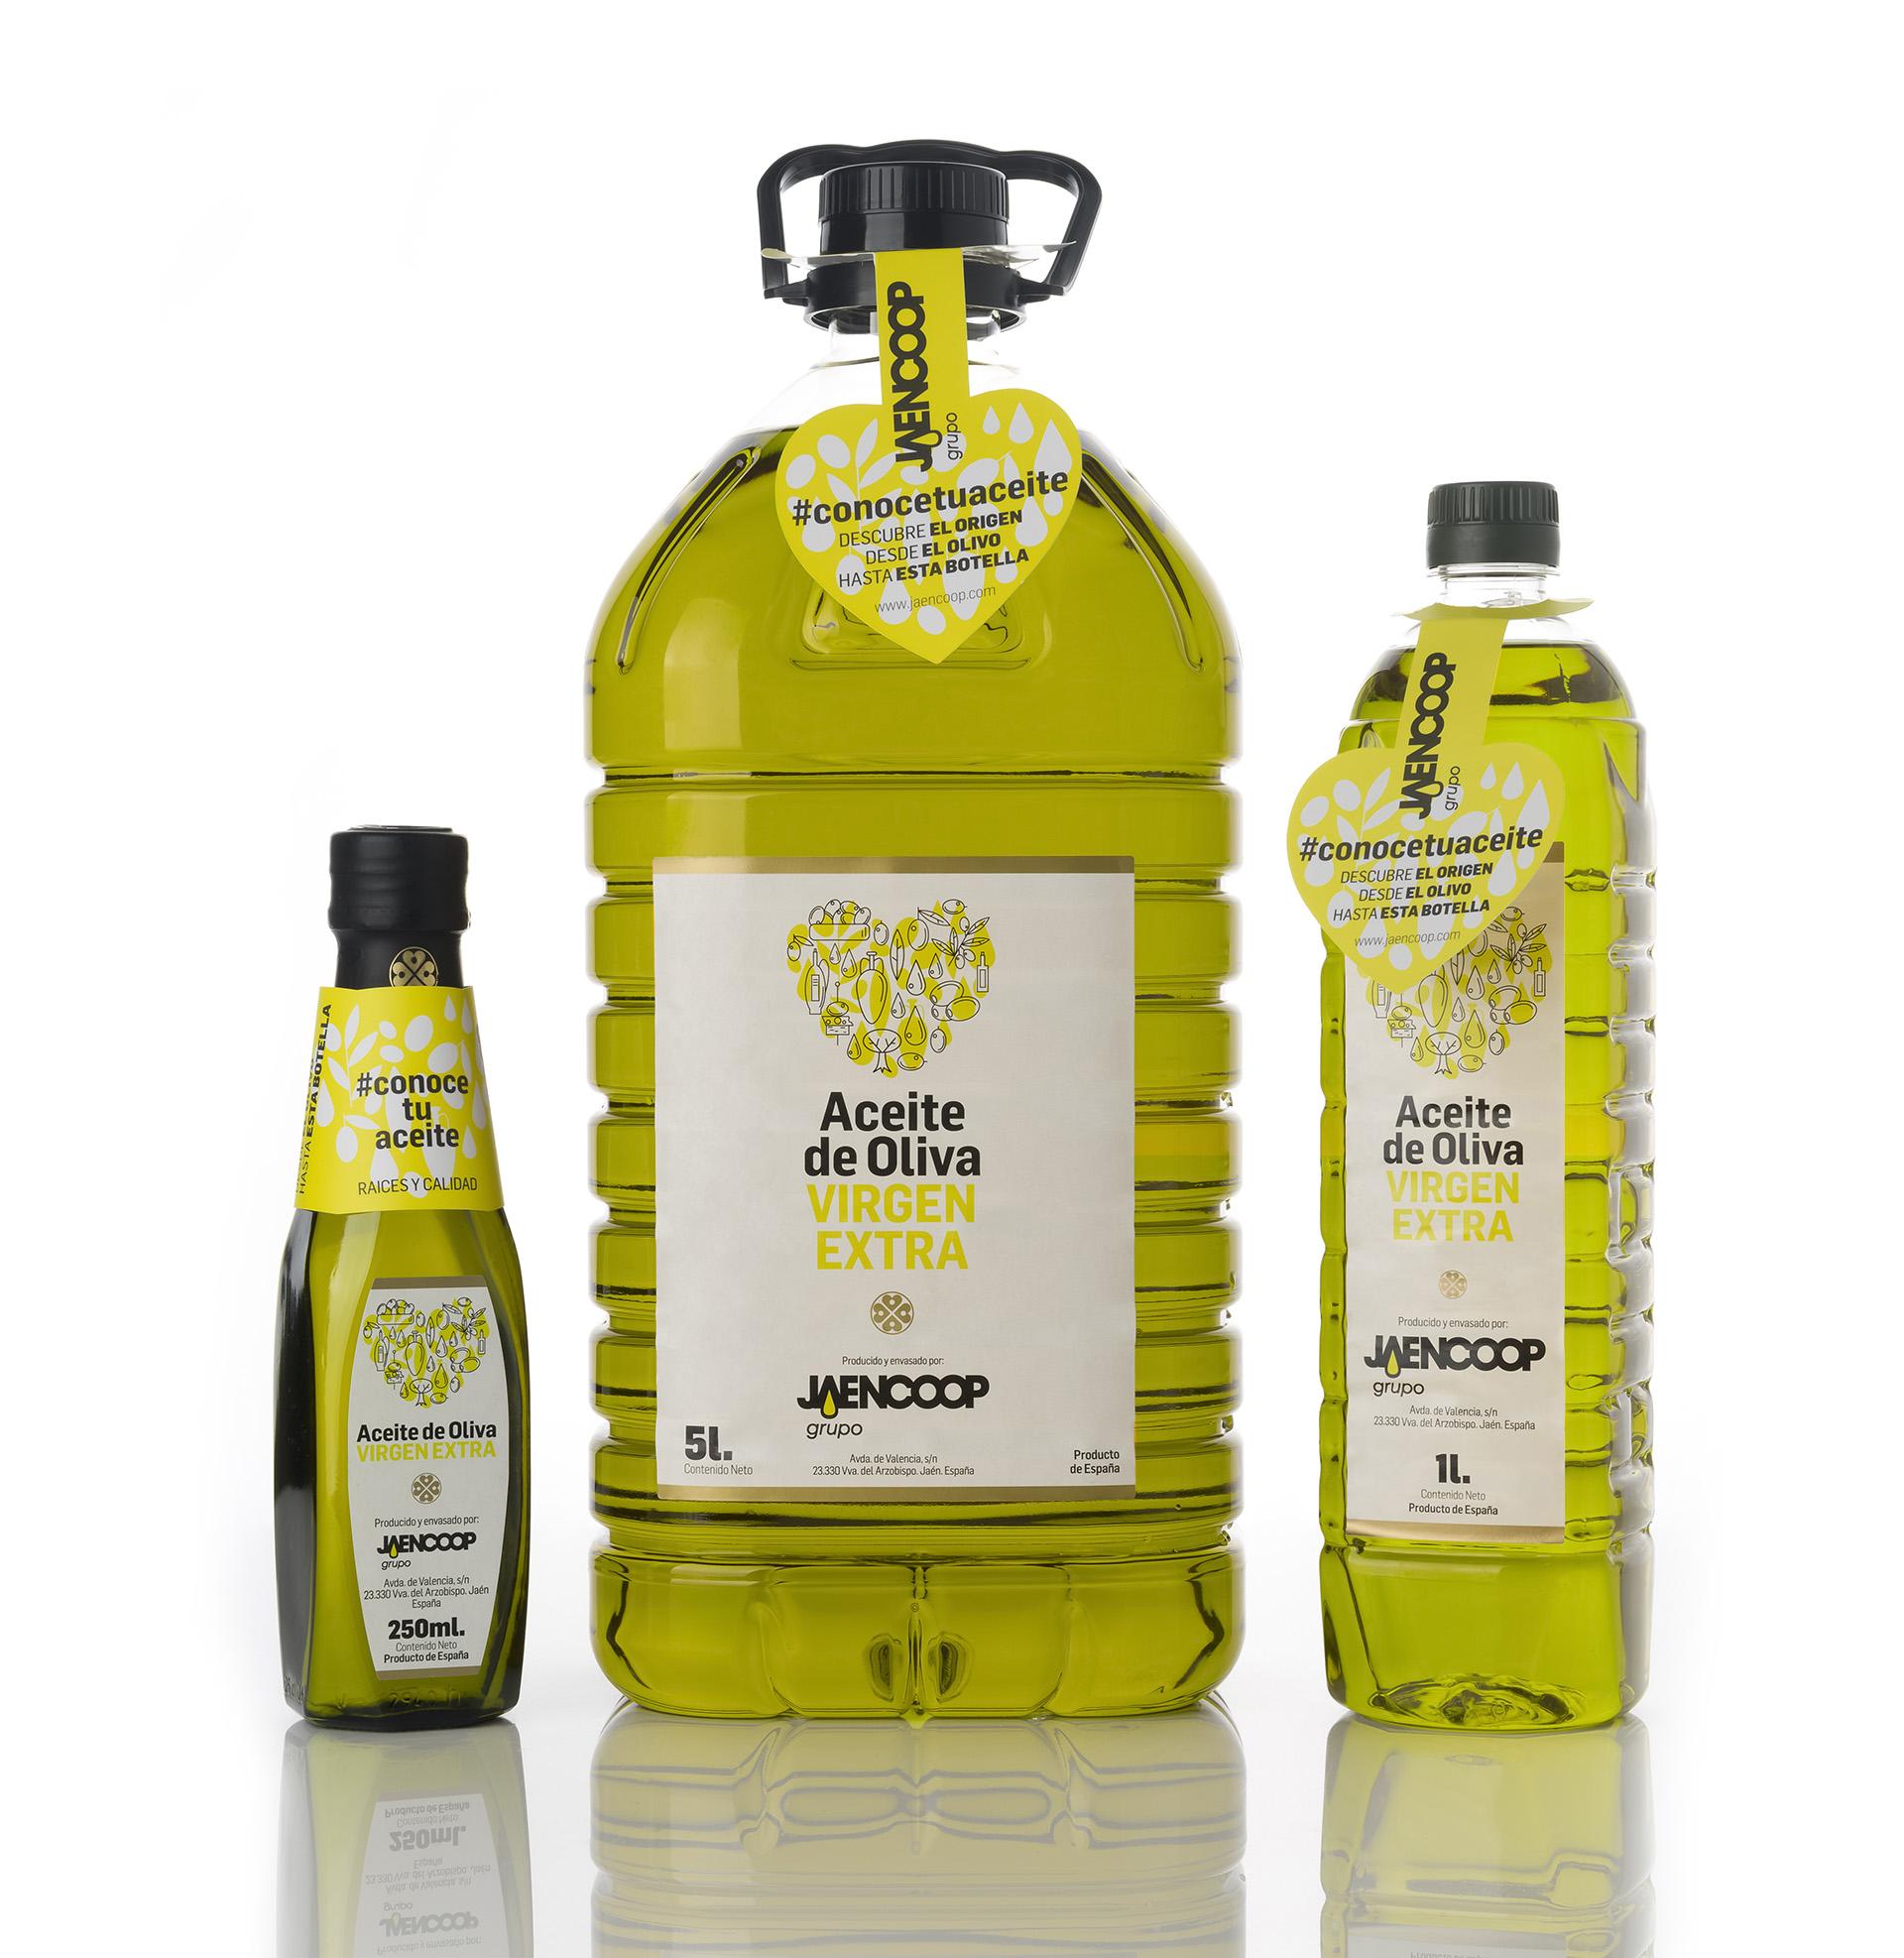 JaenCoop - conoce tu aceite de oliva virgen extra - trazabilidad